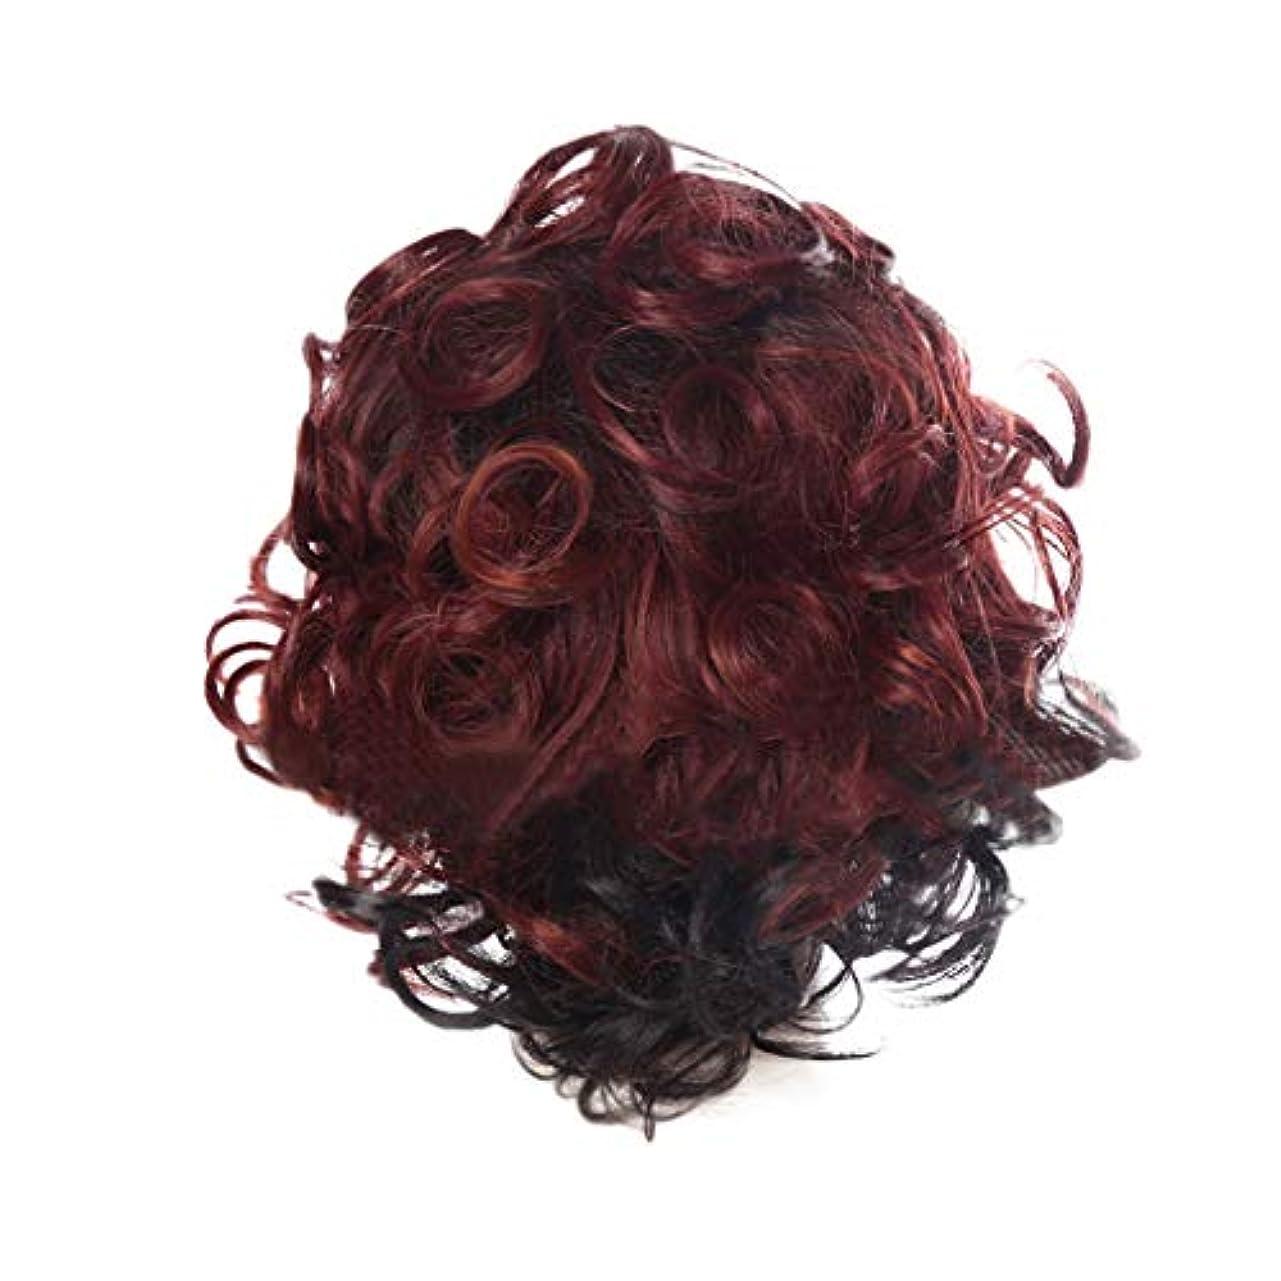 承認ディスク新鮮な女性の赤い短い巻き毛の人格爆発ヘッドかつら35 cmをかつら